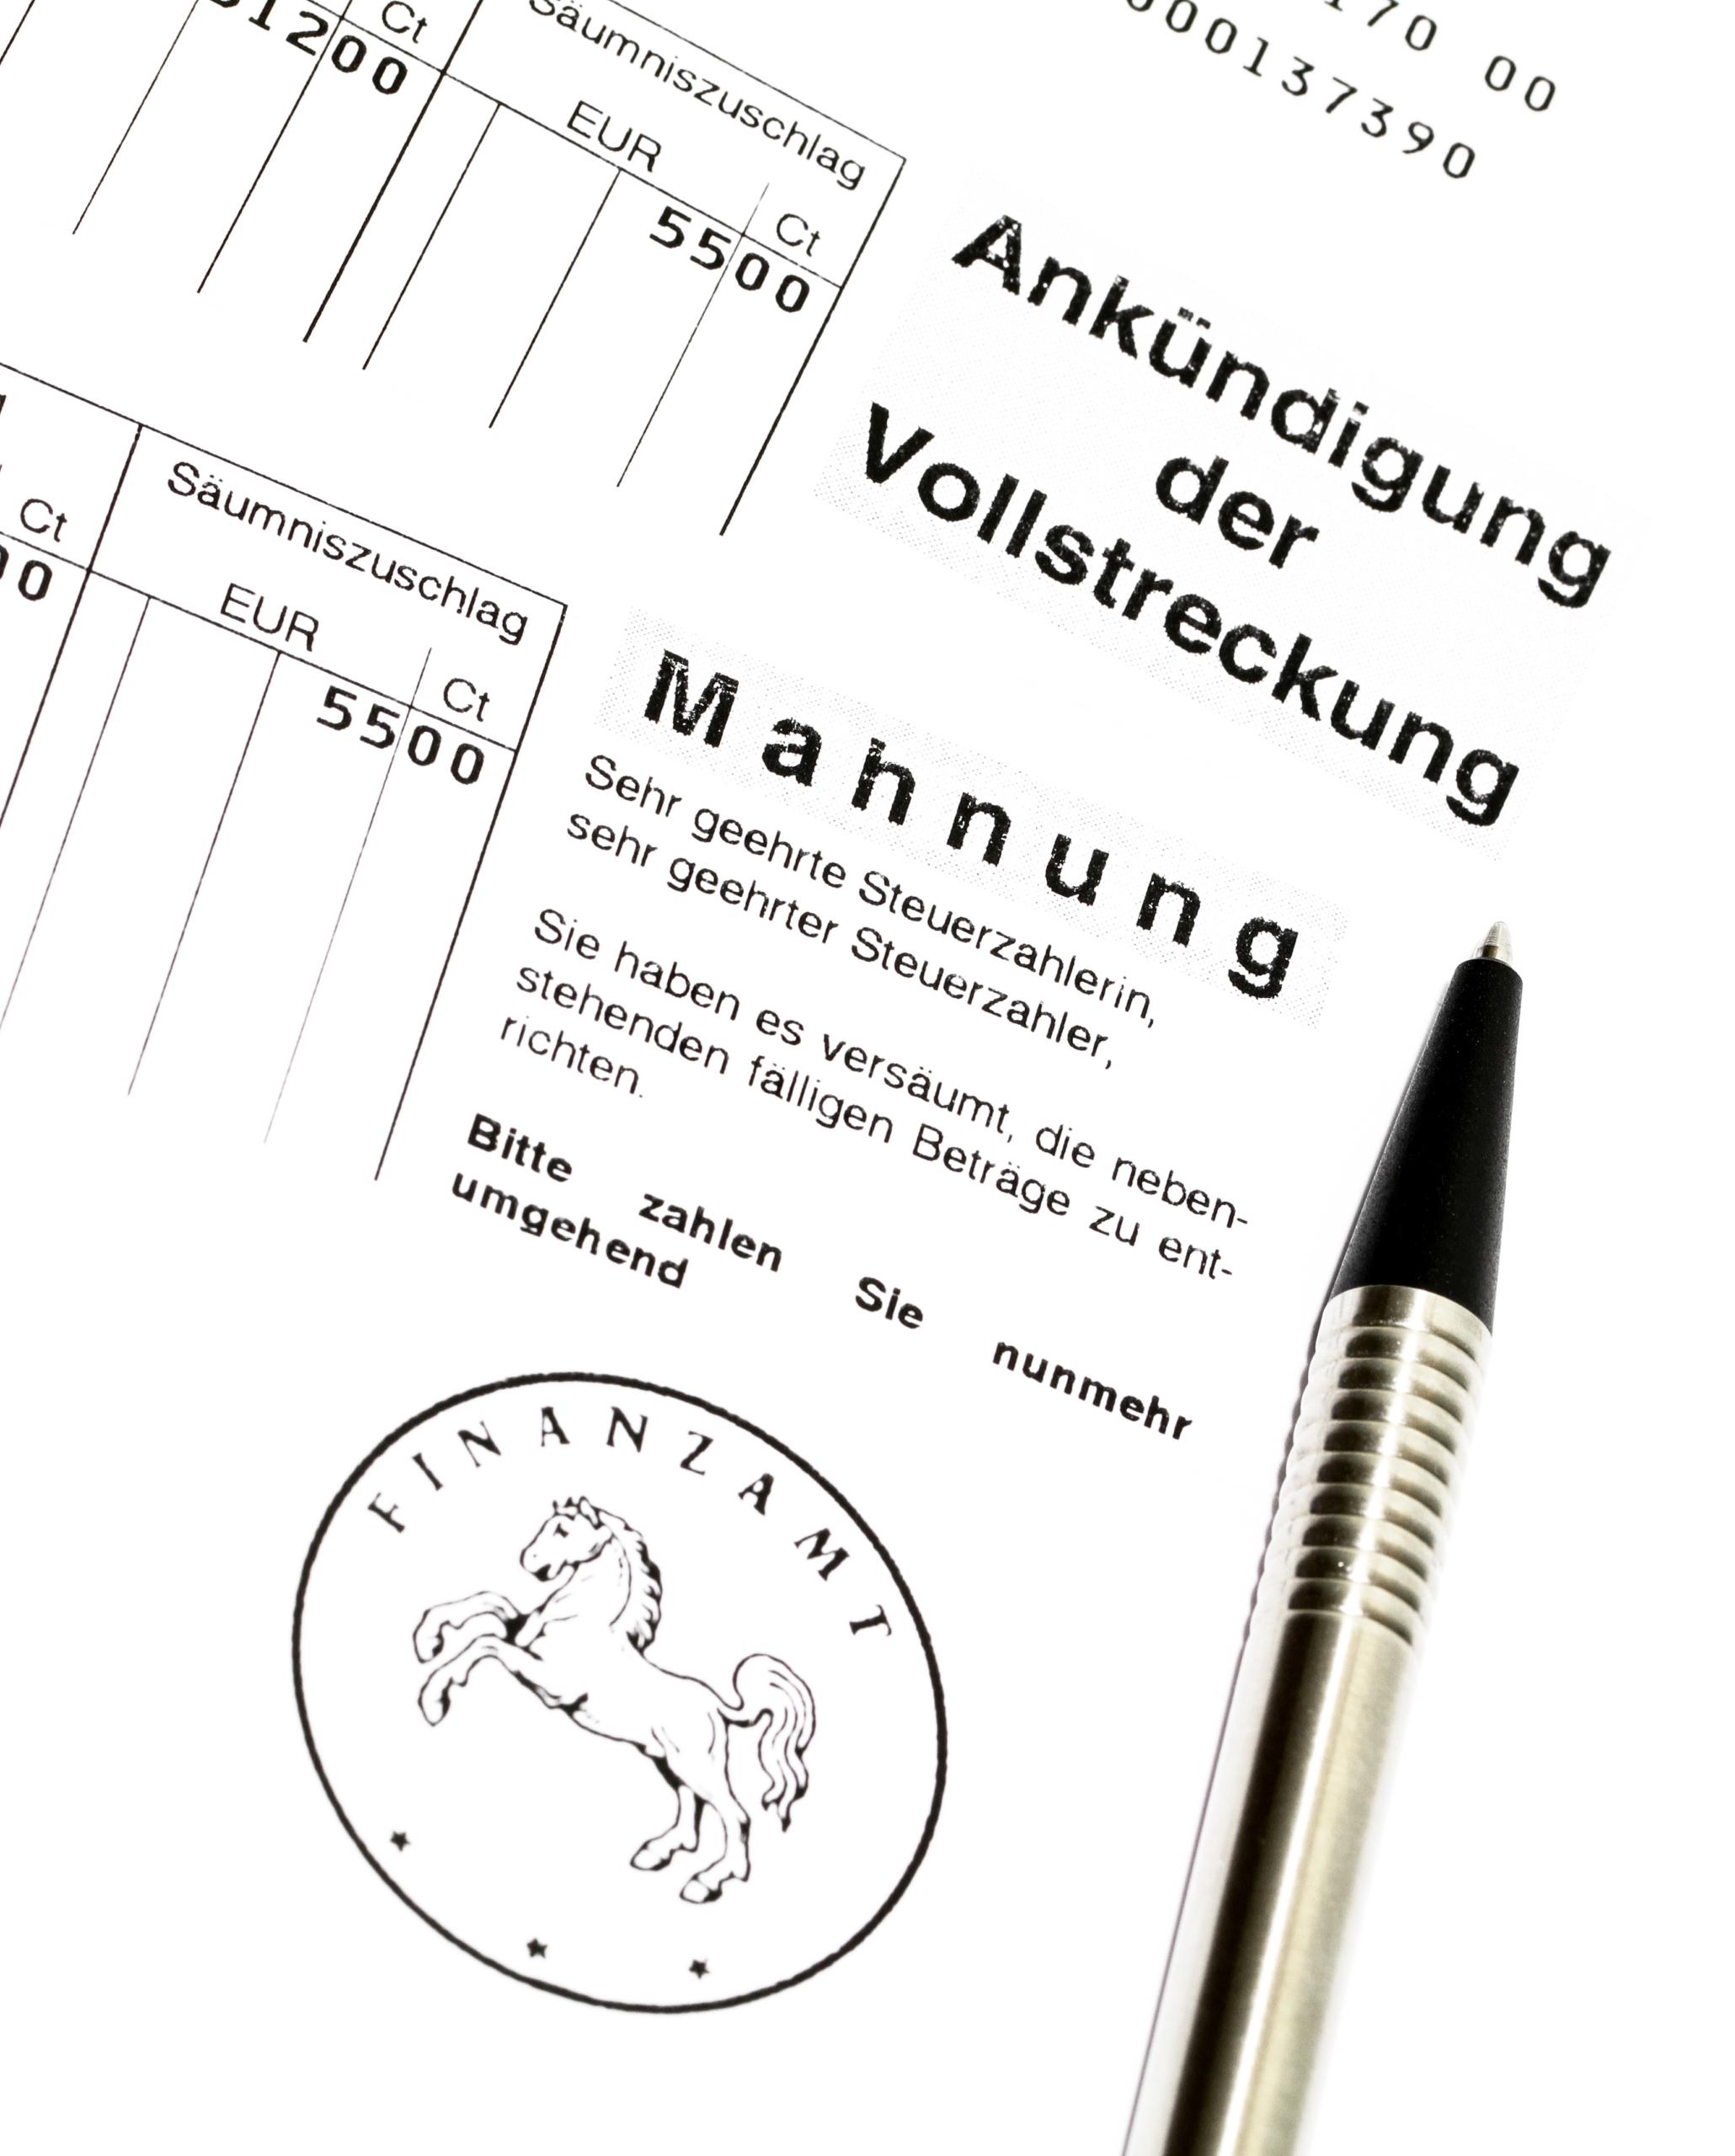 7. Tipp zur Immobilienrettung: Vorsicht vor Vollstreckungsvereitelung, § 288 StGB